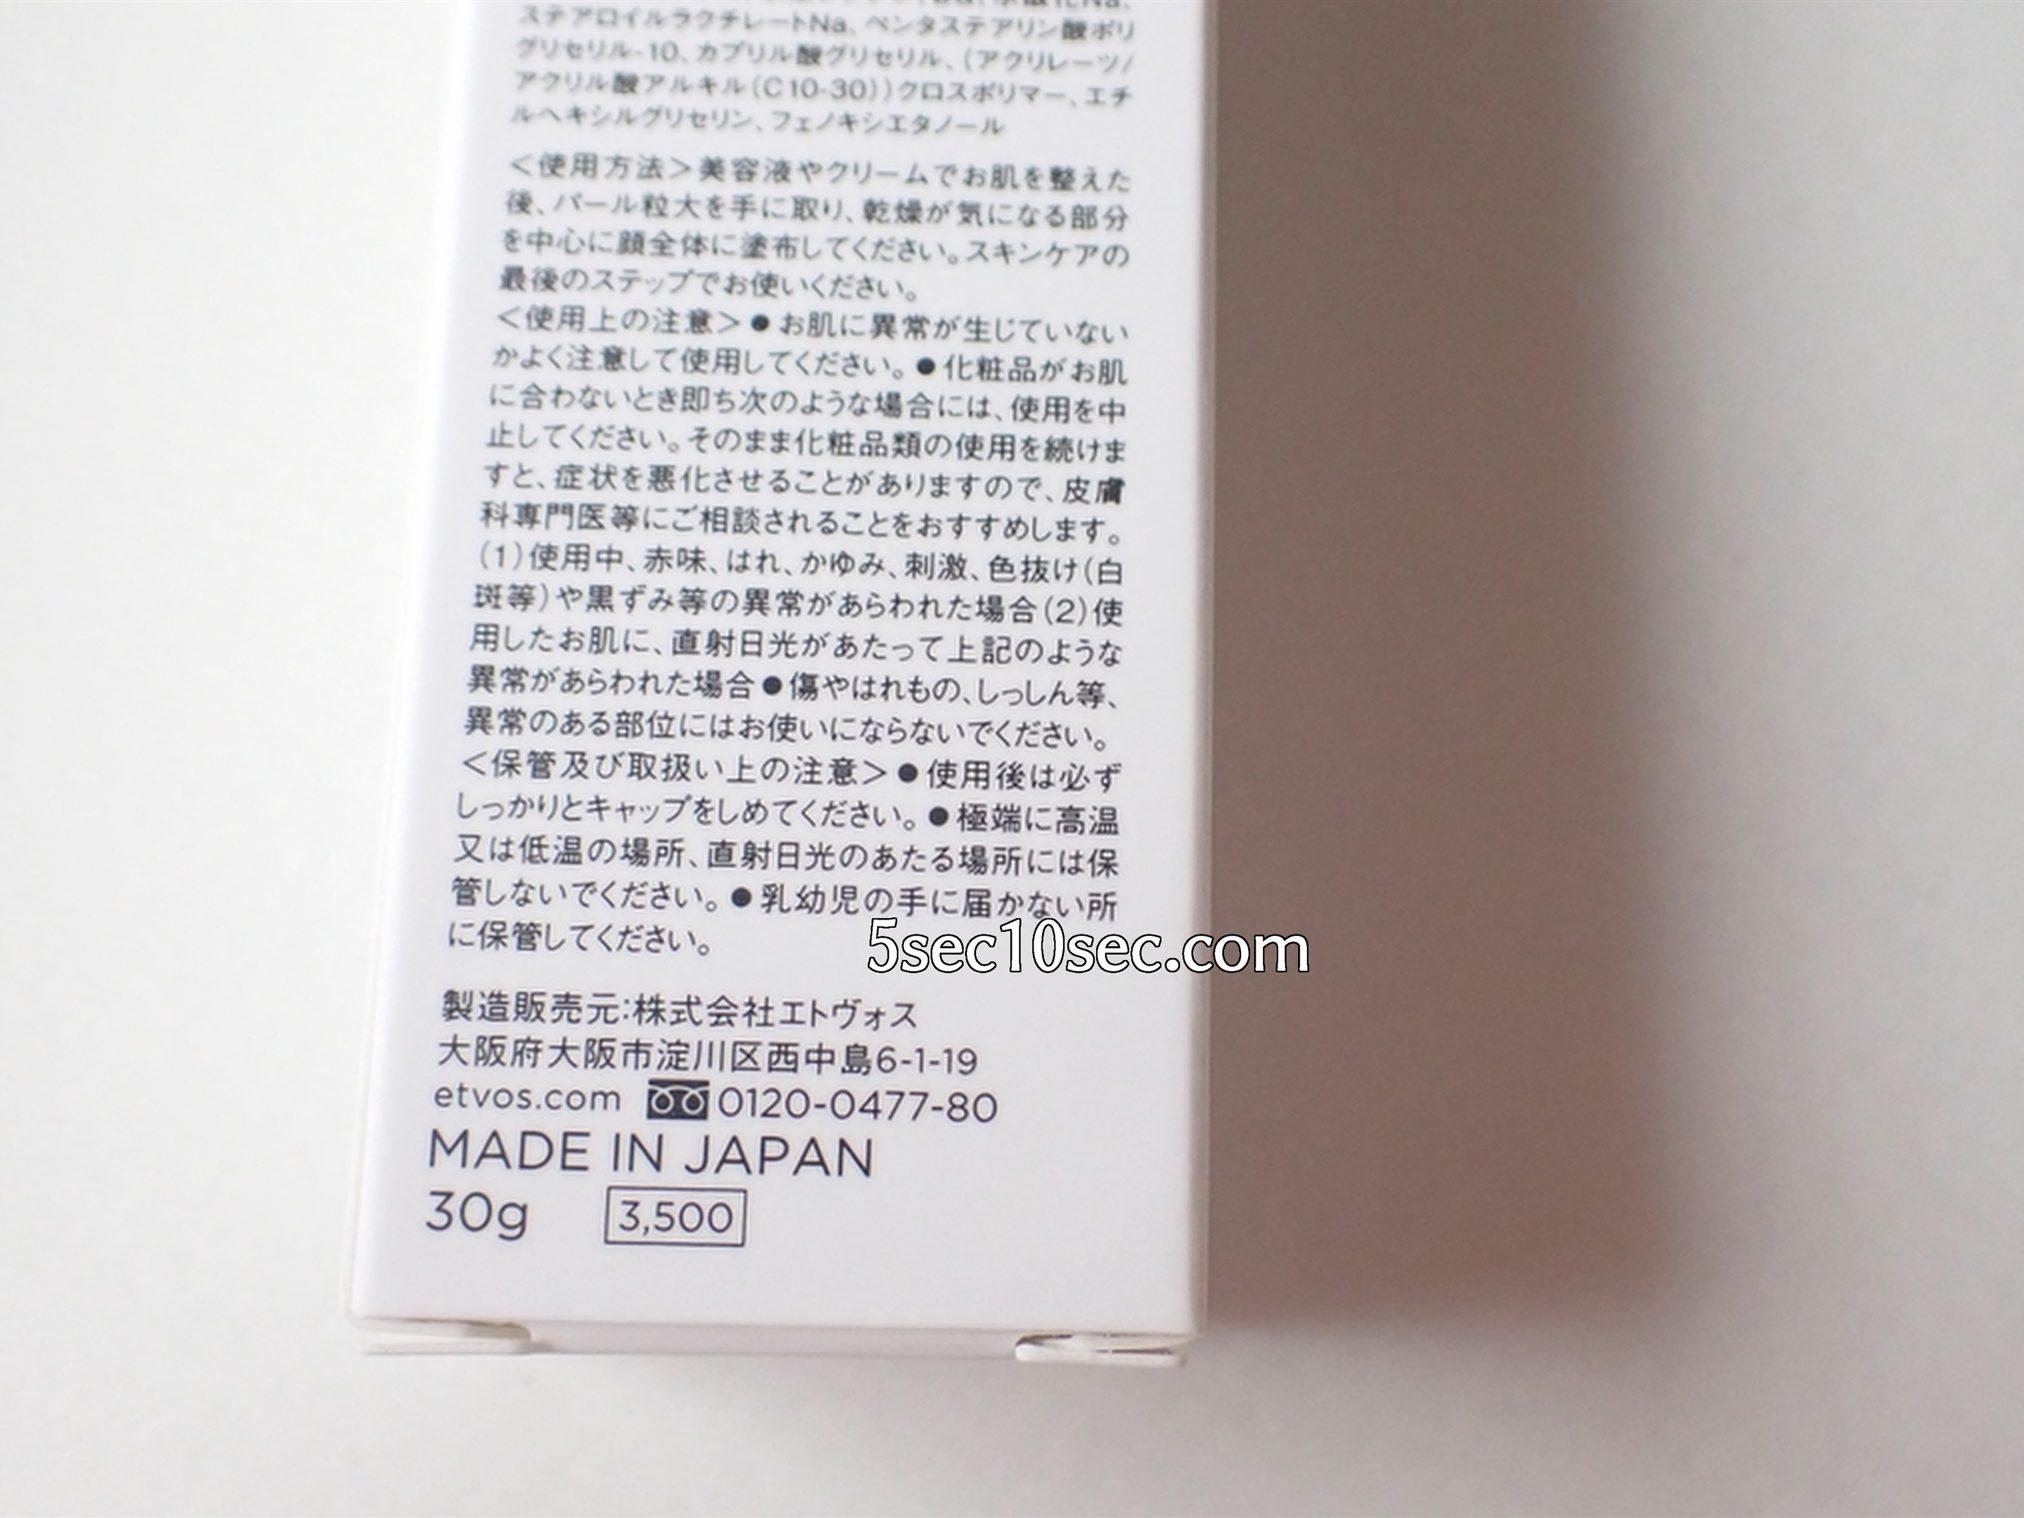 ETVOS エトヴォス モイストバリアクリーム 使い方、使用方法、日本製